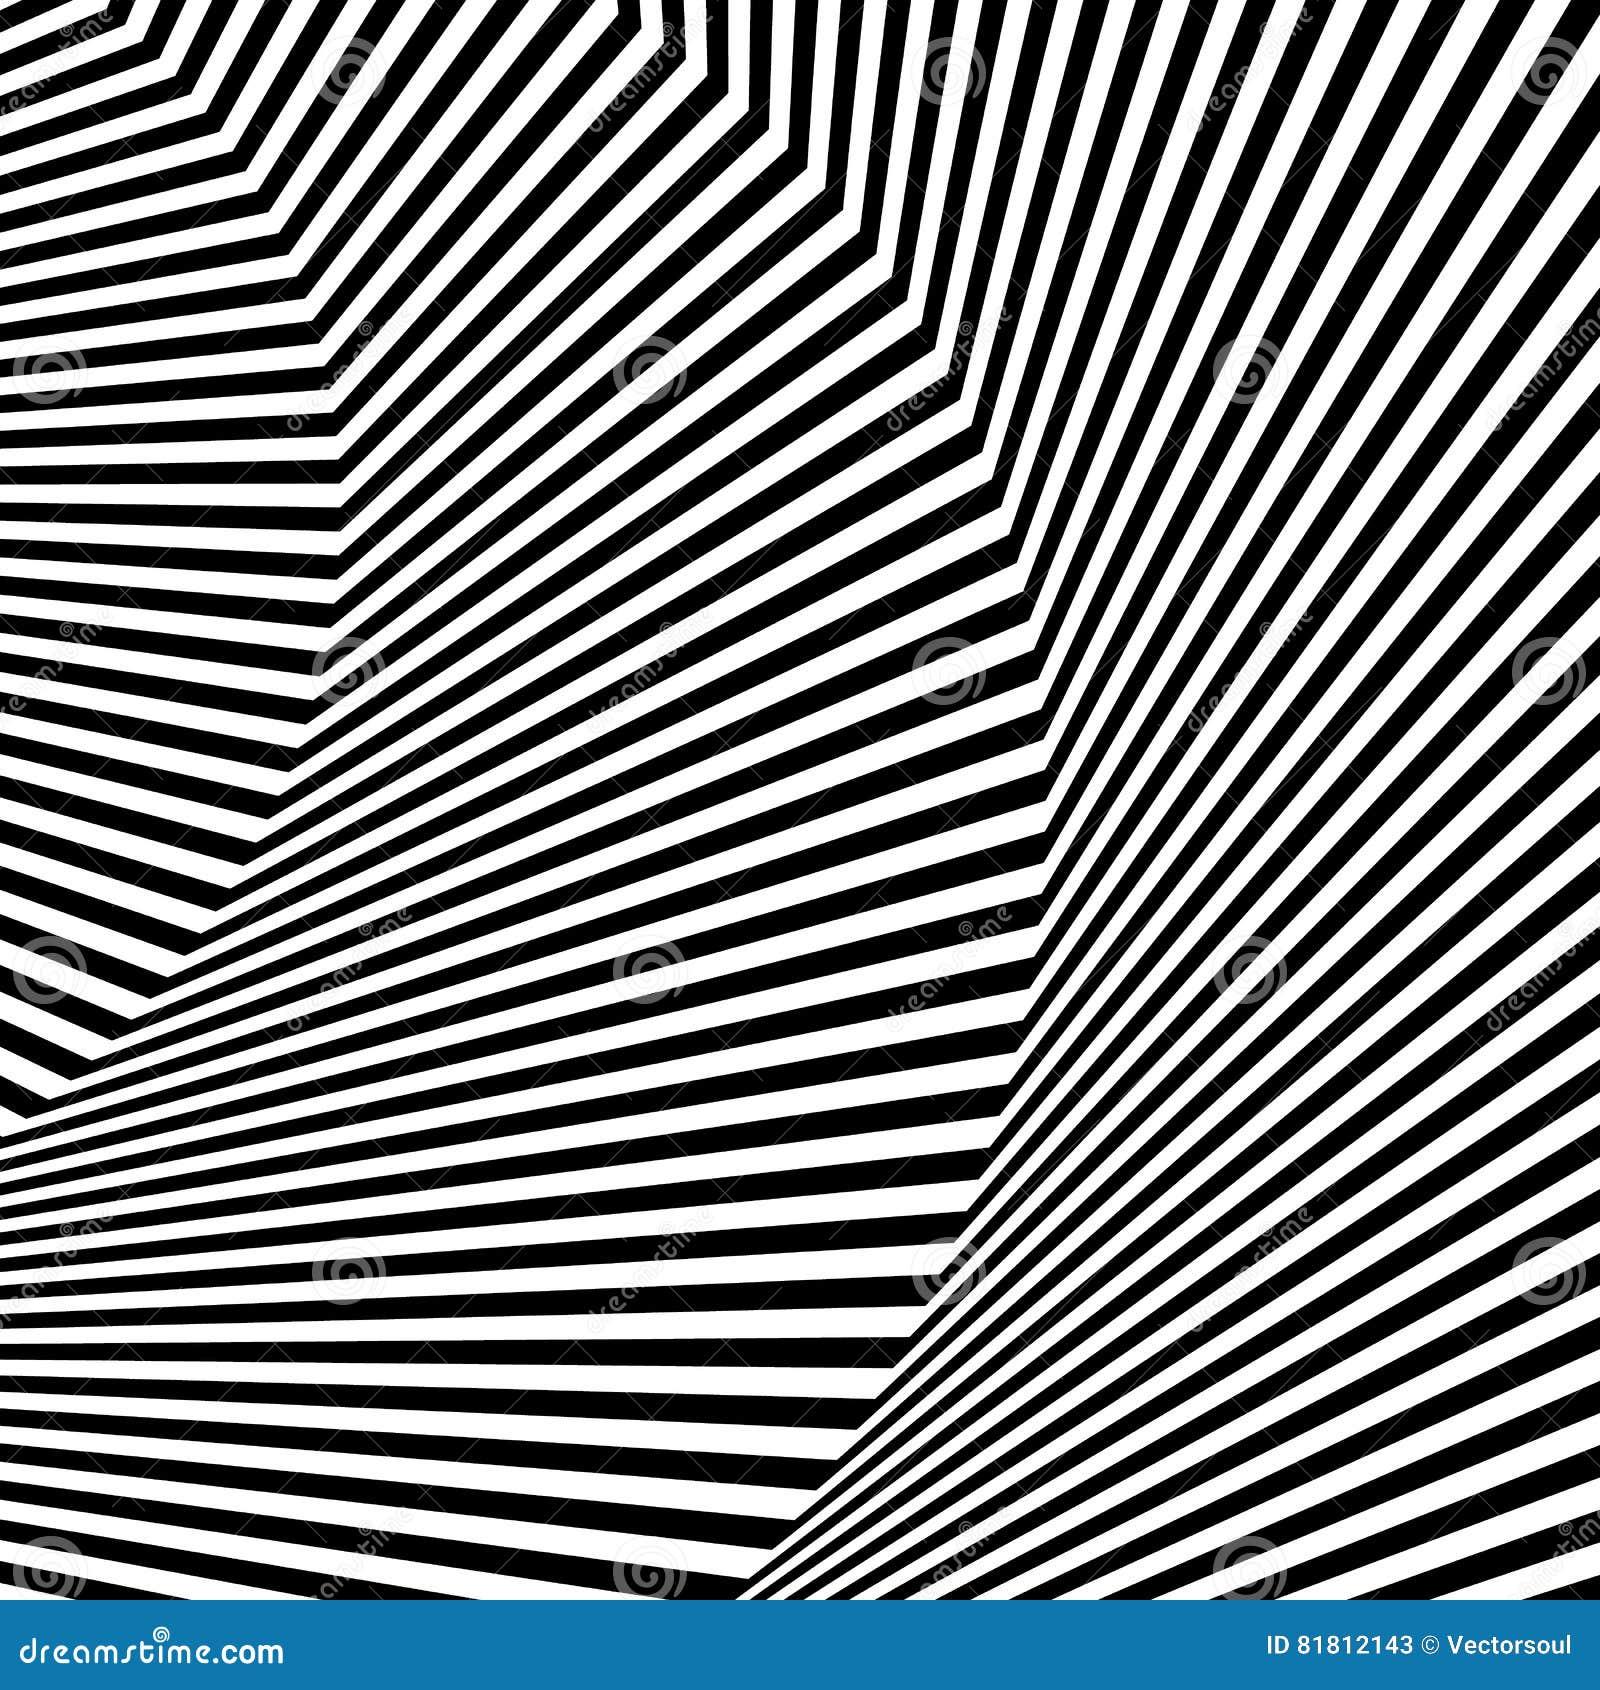 Волнистый, зигзаг выравнивается, выравнивается с искажением, заломом Monochrome PA